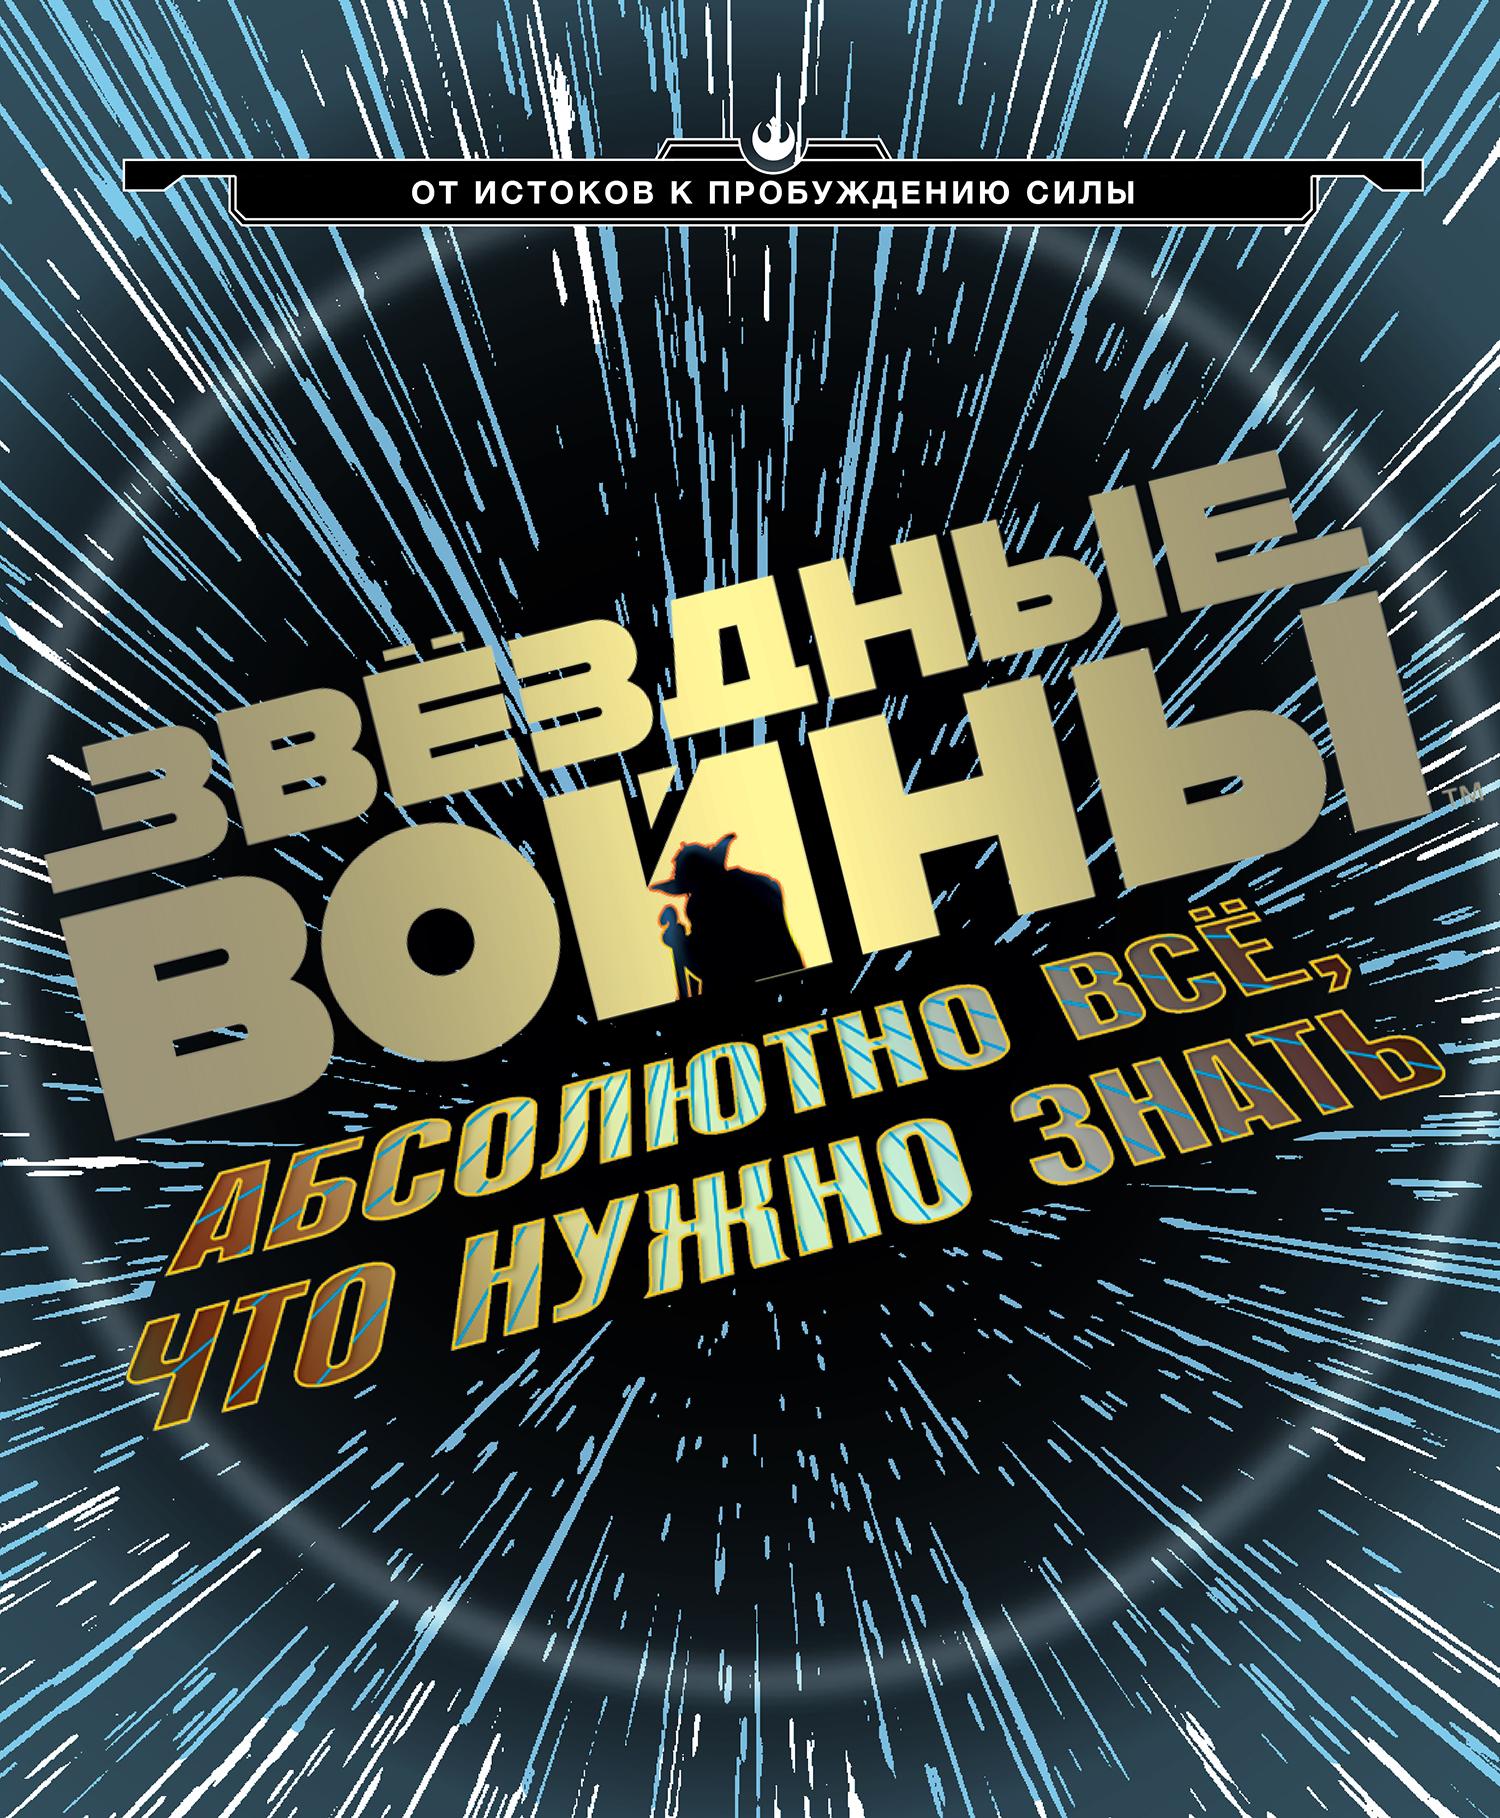 Звёздные Войны: абсолютно всё, что нужно знать